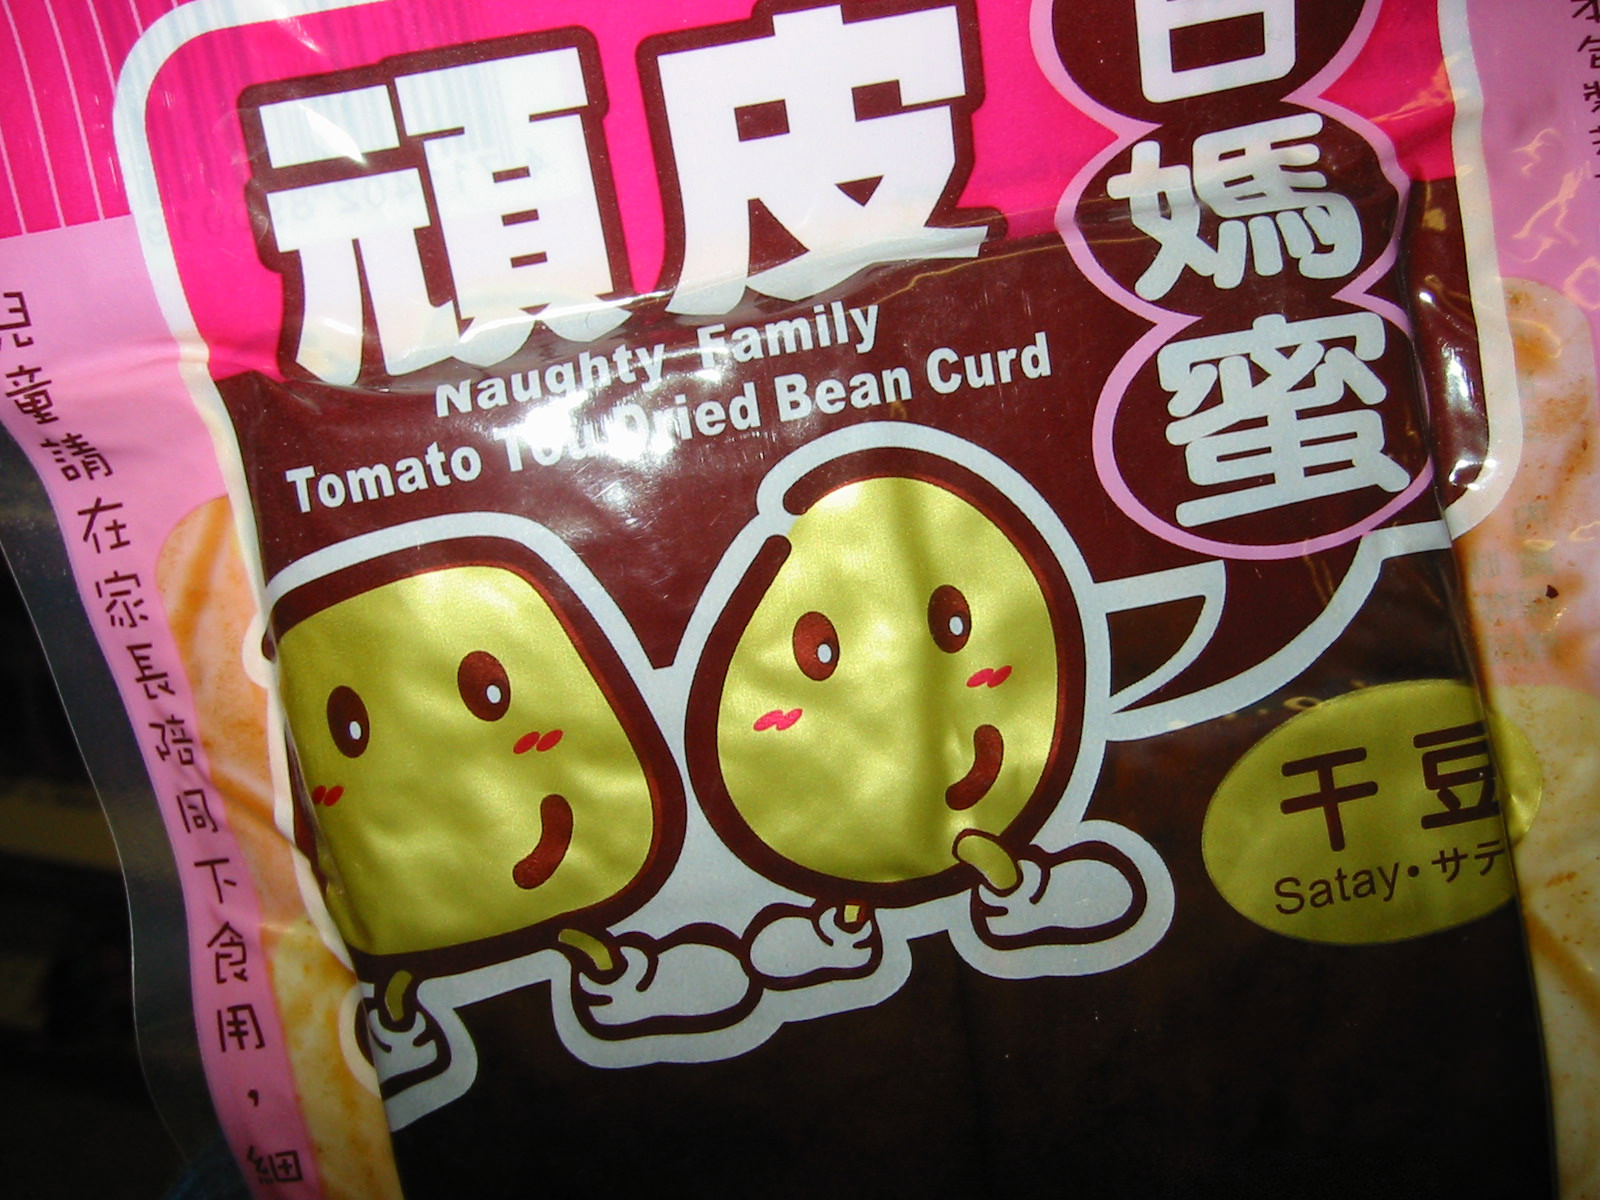 Naughty Family Tomato Tou Bean Curd